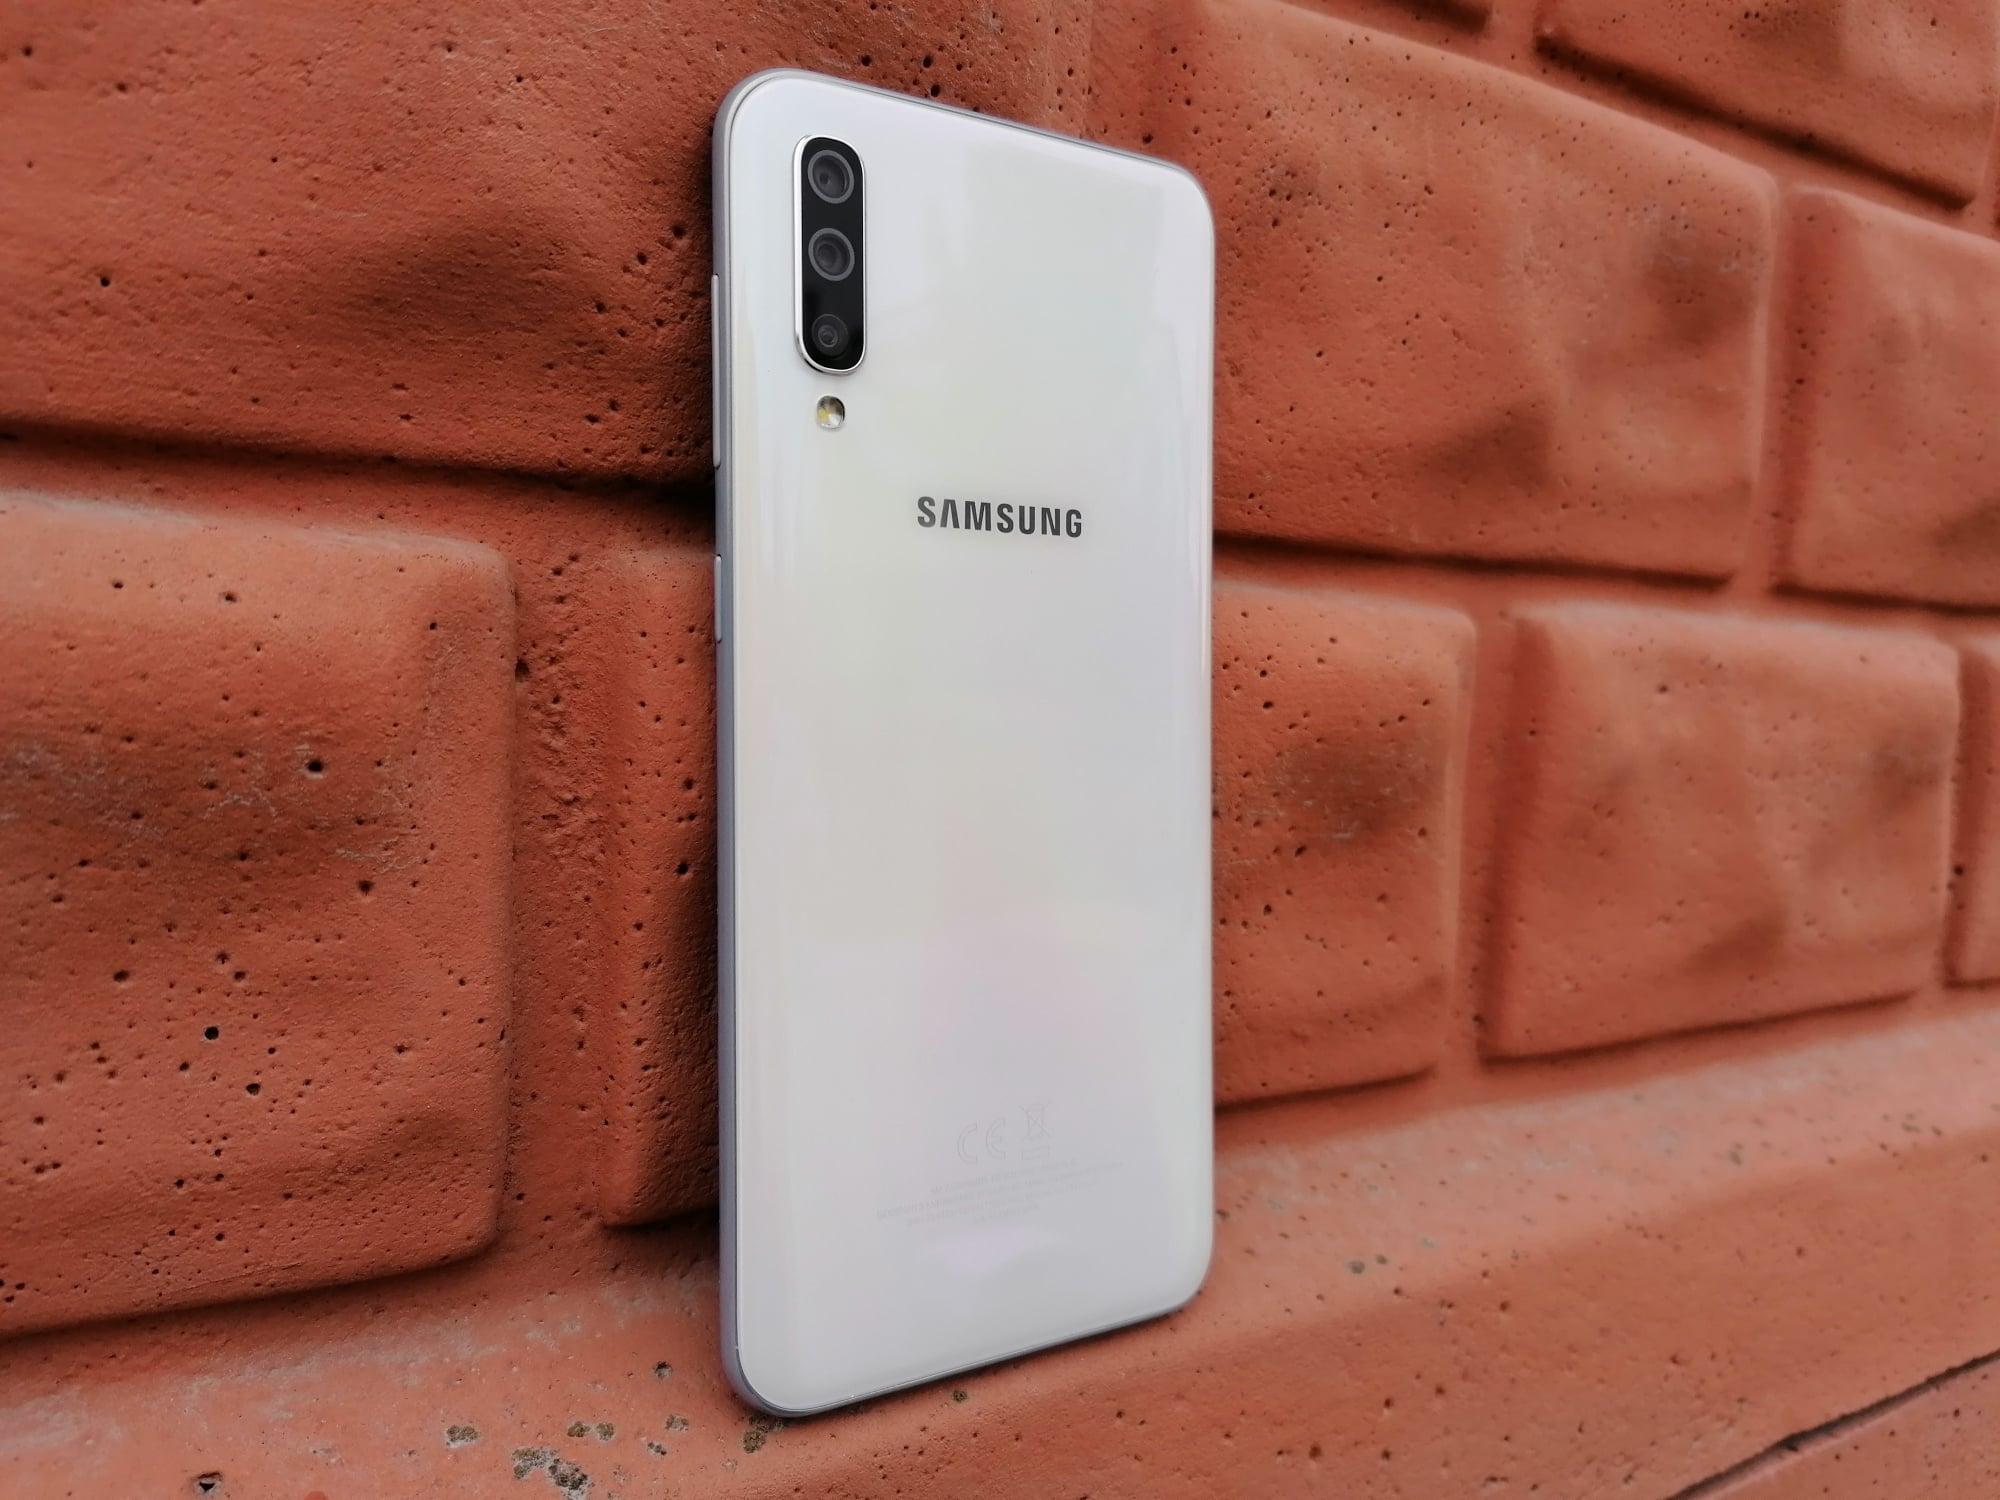 Recenzja Galaxy A50. Nowe średniopółkowe rozdanie Samsunga? 21